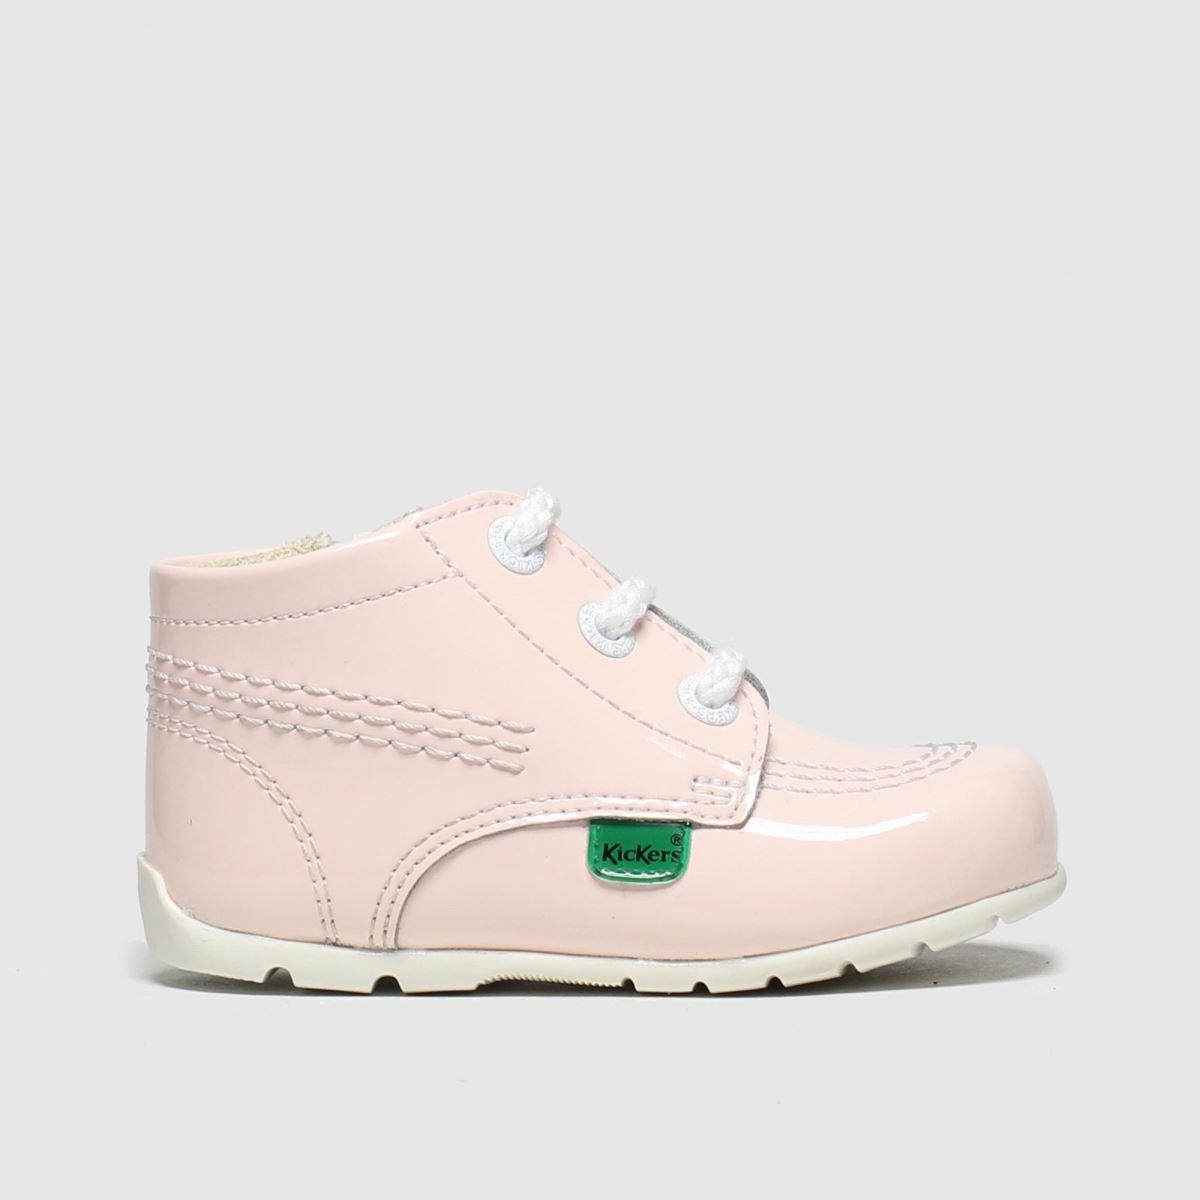 Kickers Kickers Pale Pink Hi B Zip Shoes Baby